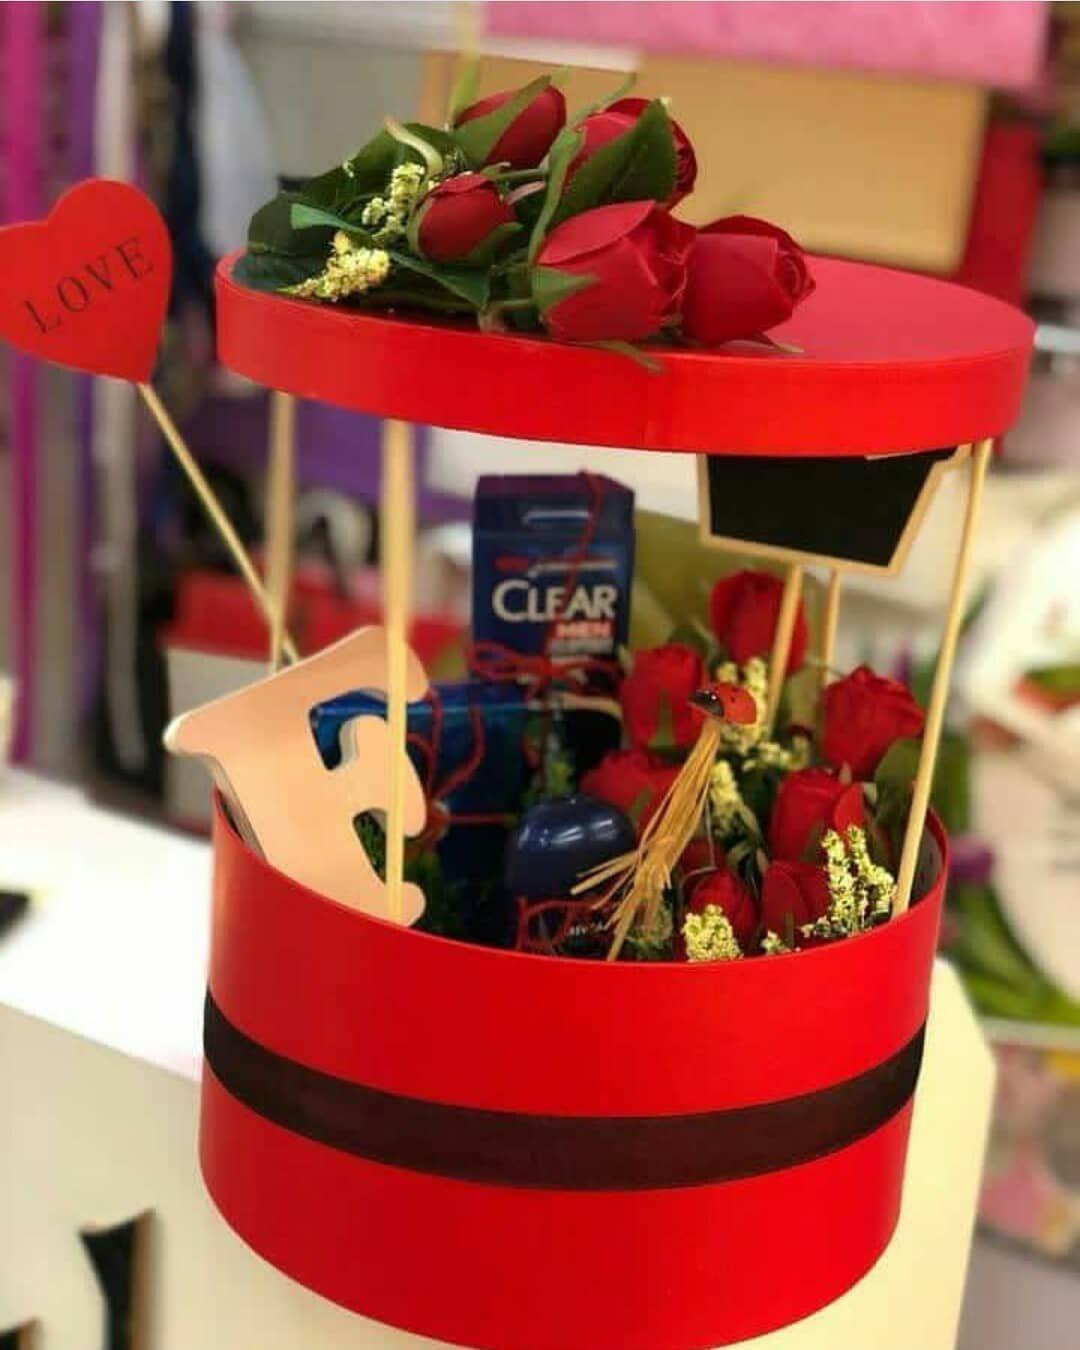 عروض تخفيضات هائلة تخفيضات البصرة بصرة العراق جامعة البصرة باب الزبير بوكس بوكسات هدايا تخرج مكي Diy Birthday Gifts Wedding Invitation Background Gift Wraping